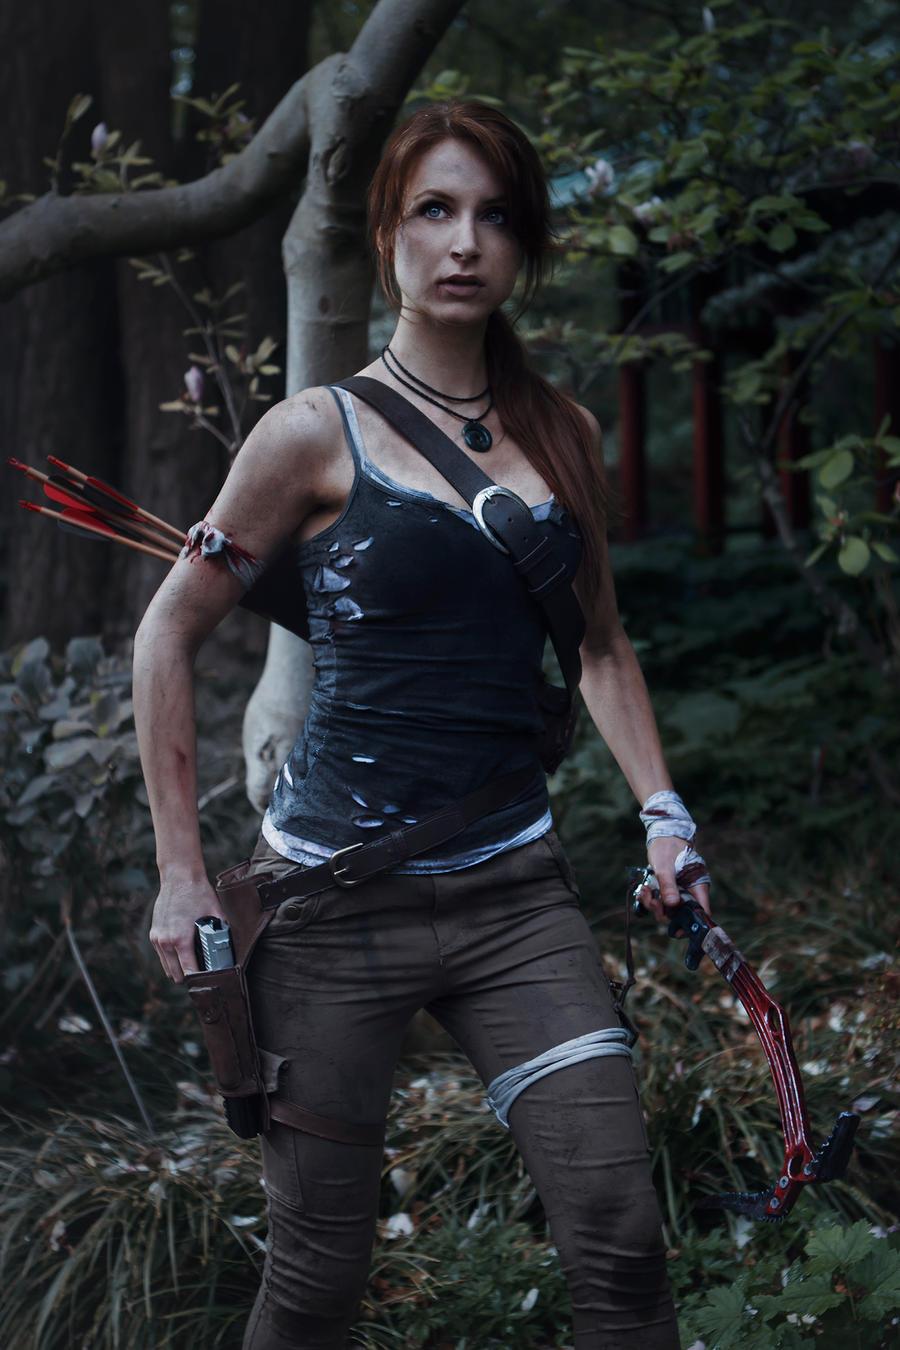 Lara by night by Lena-Lara